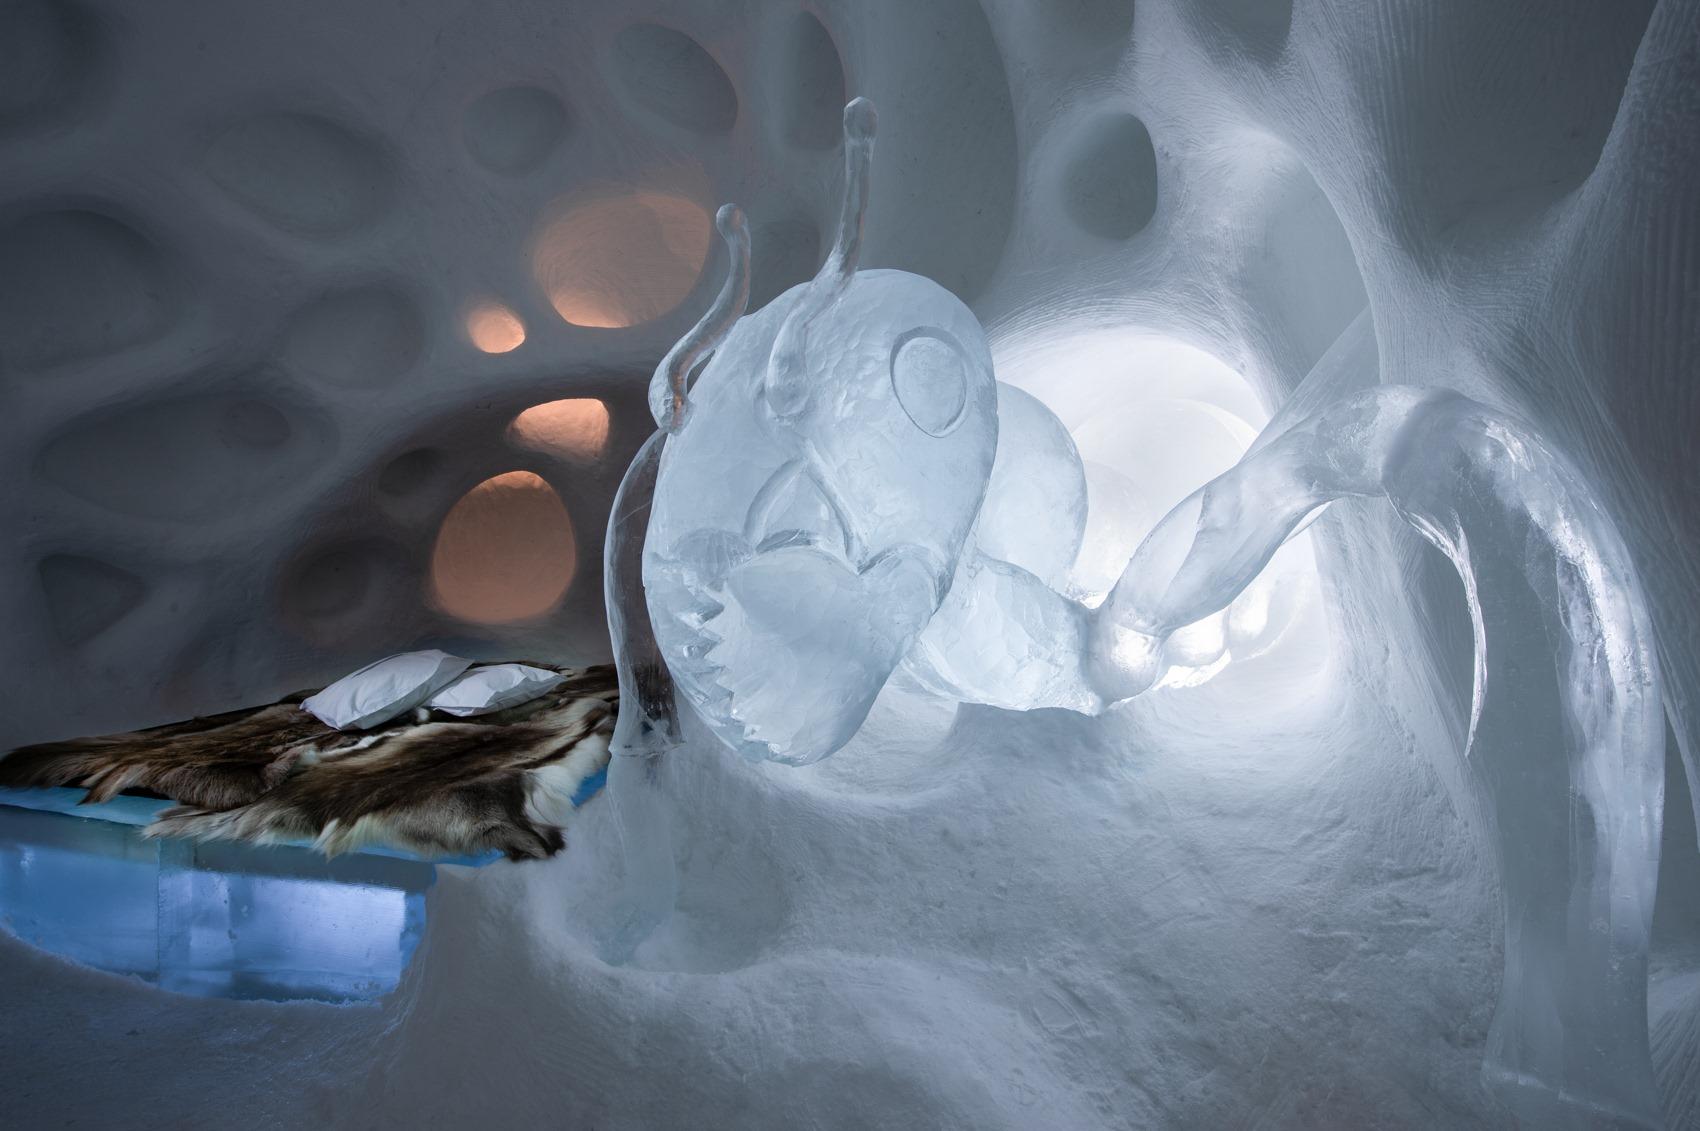 Шведский отель изо льда открыл 30-й сезон